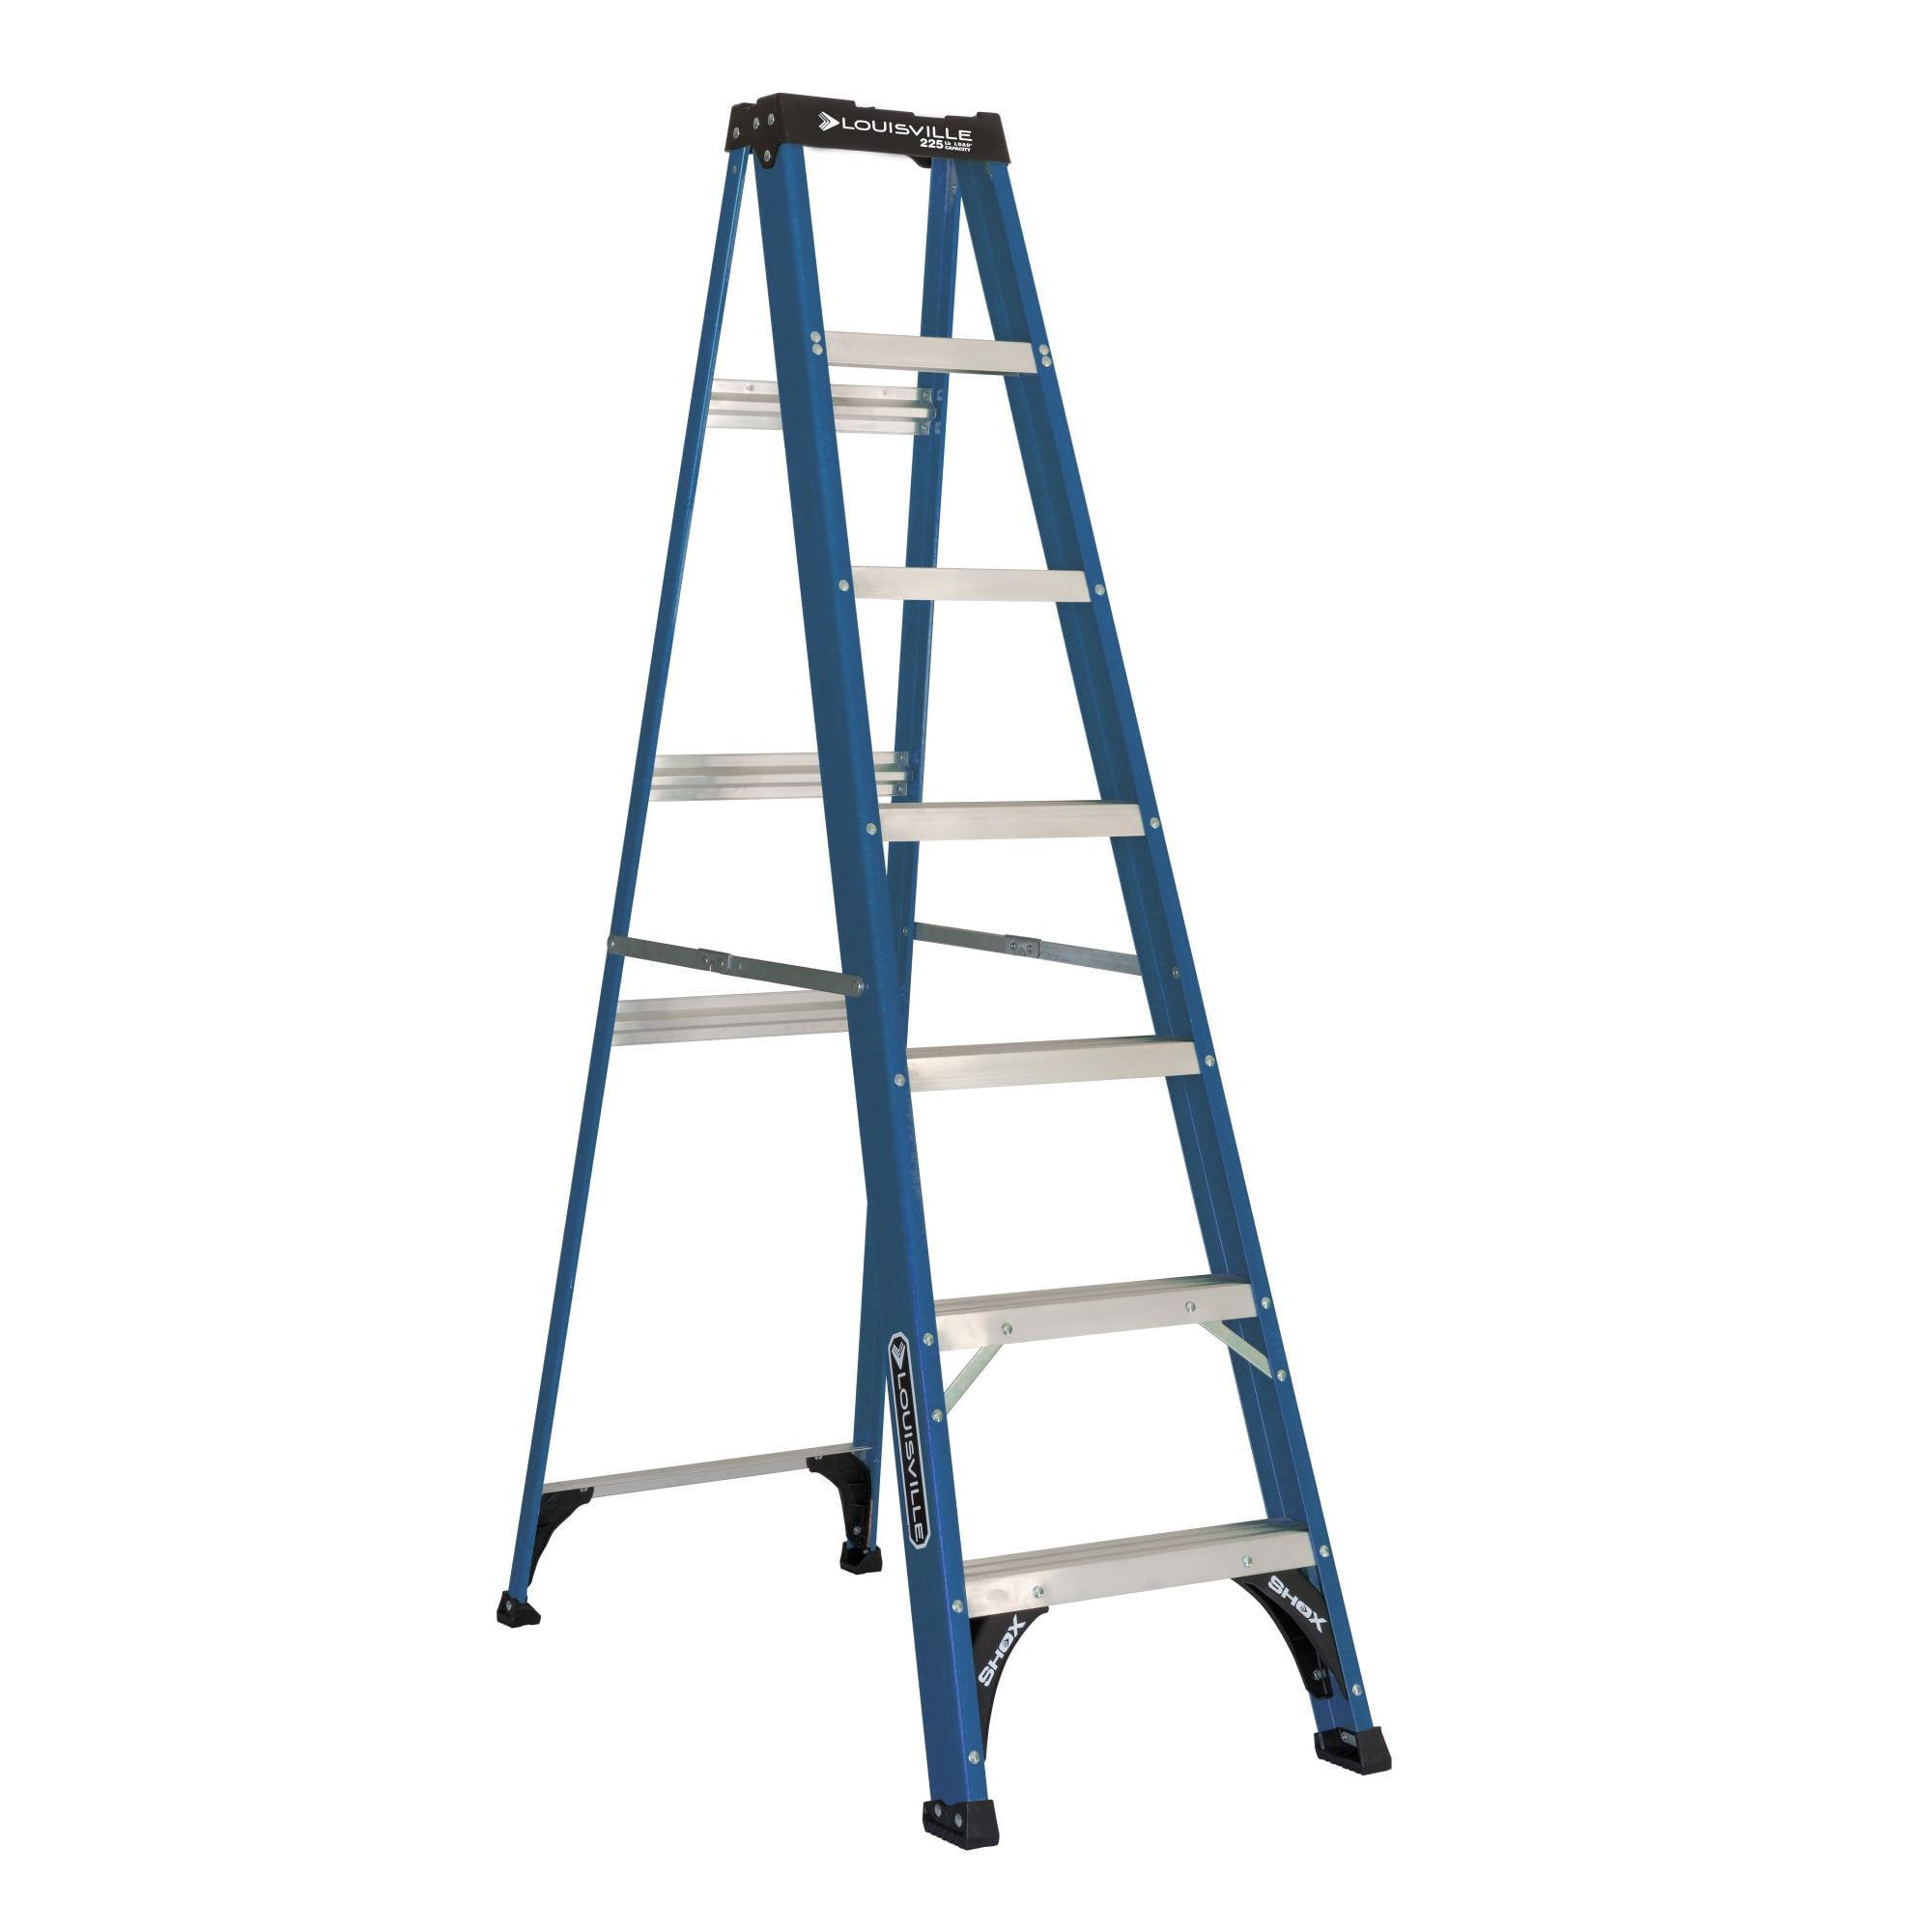 Louisville Ladder 7 Fiberglass Step Ladder 225 Lb Capacity W 3217 07 Walmart Com Walmart Com